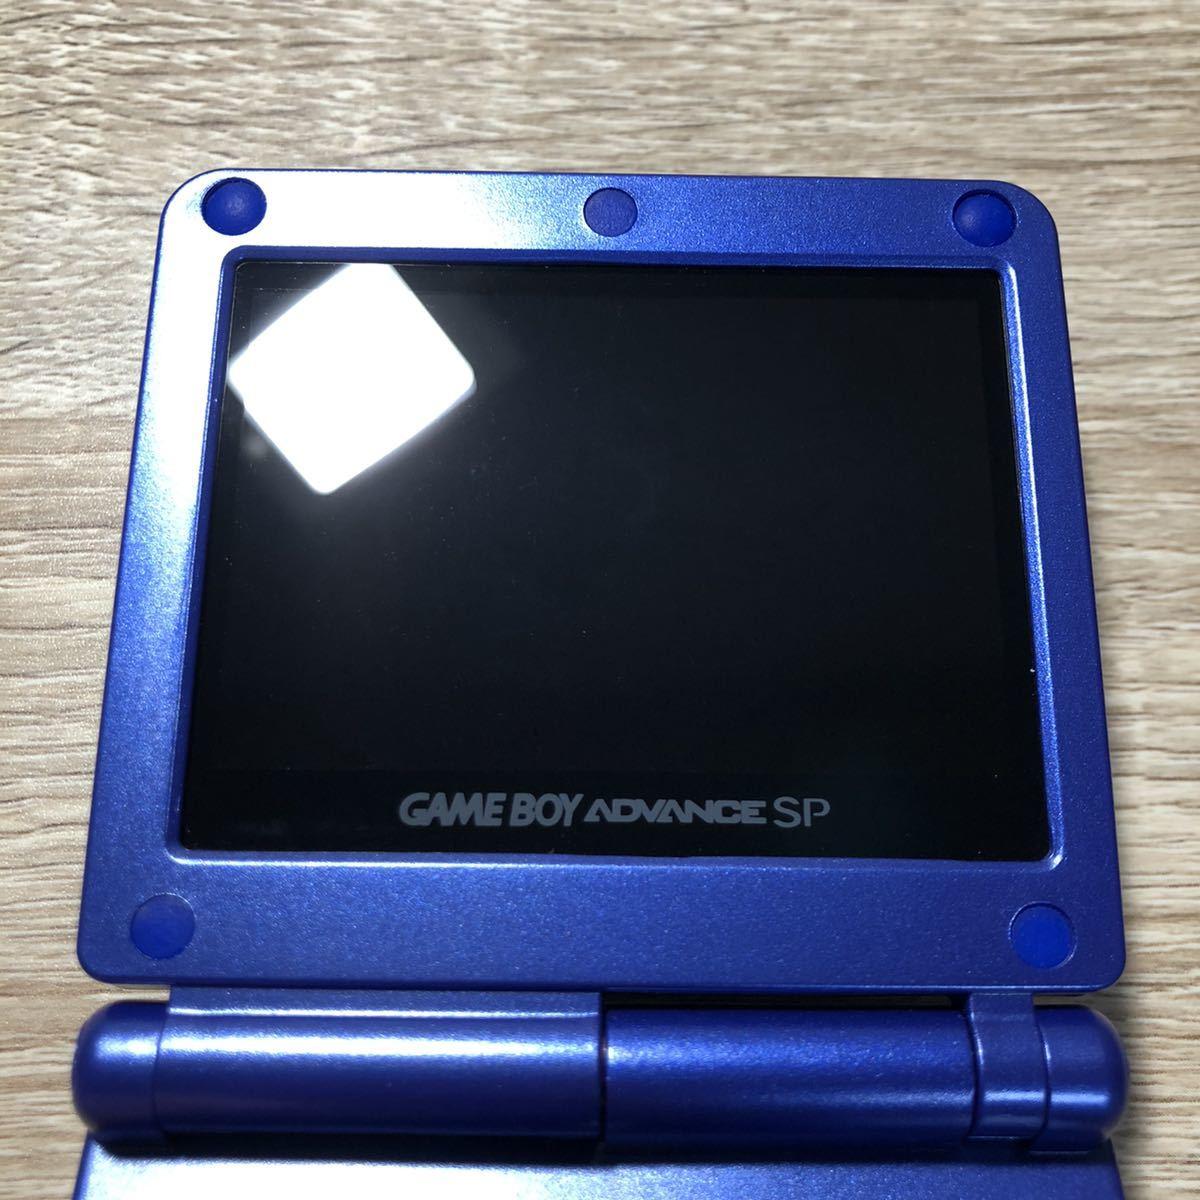 任天堂 Nintendo ゲームボーイアドバンス SP カイオーガ gameboy advance GBA 本体 IPS V3 バックライト仕様 173